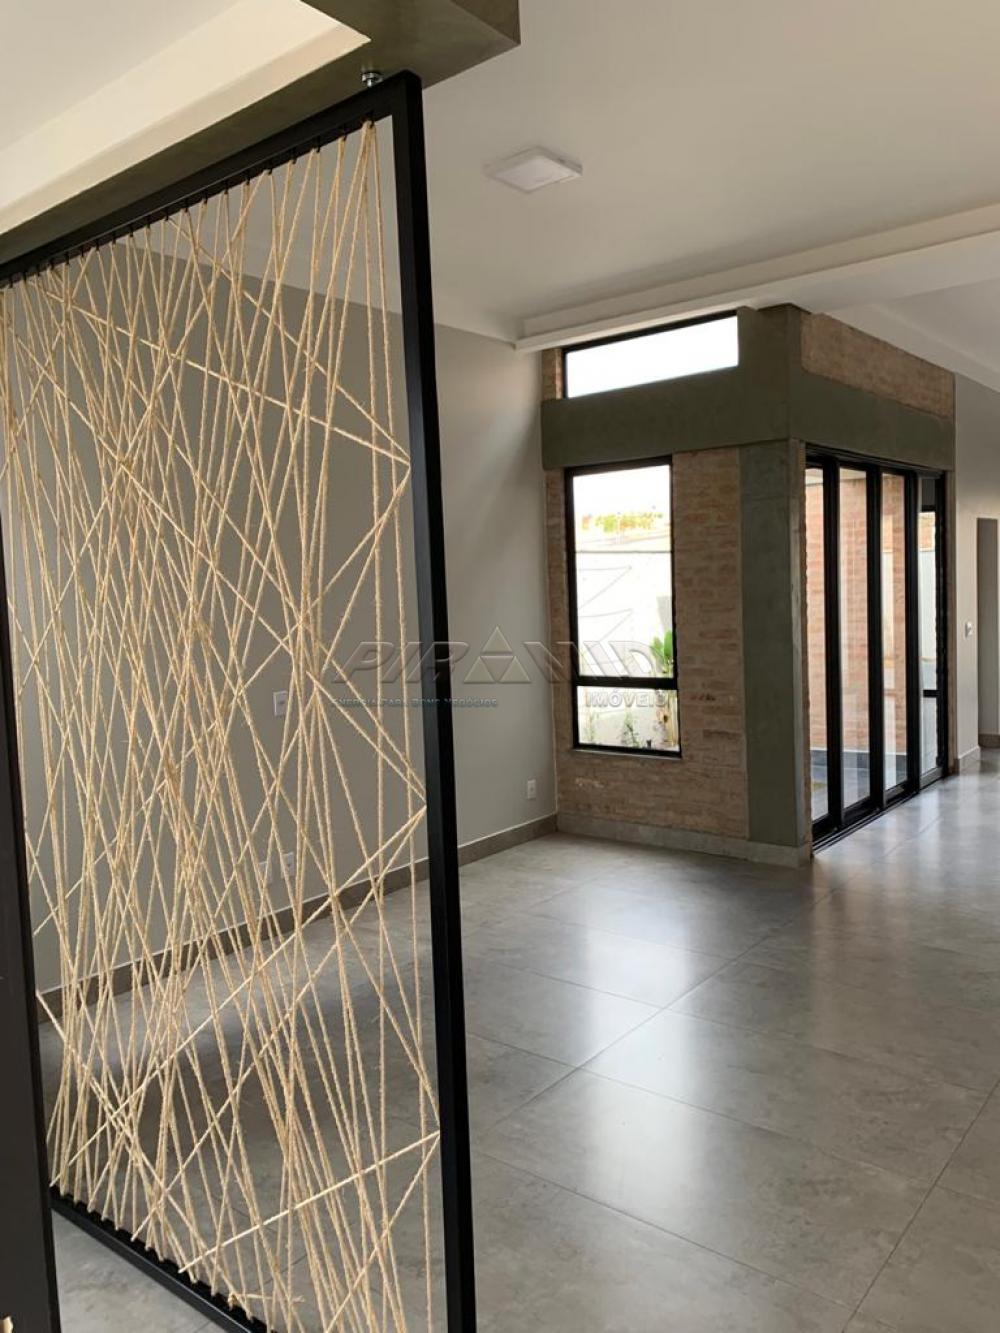 Comprar Casa / Condomínio em Ribeirão Preto apenas R$ 1.100.000,00 - Foto 5